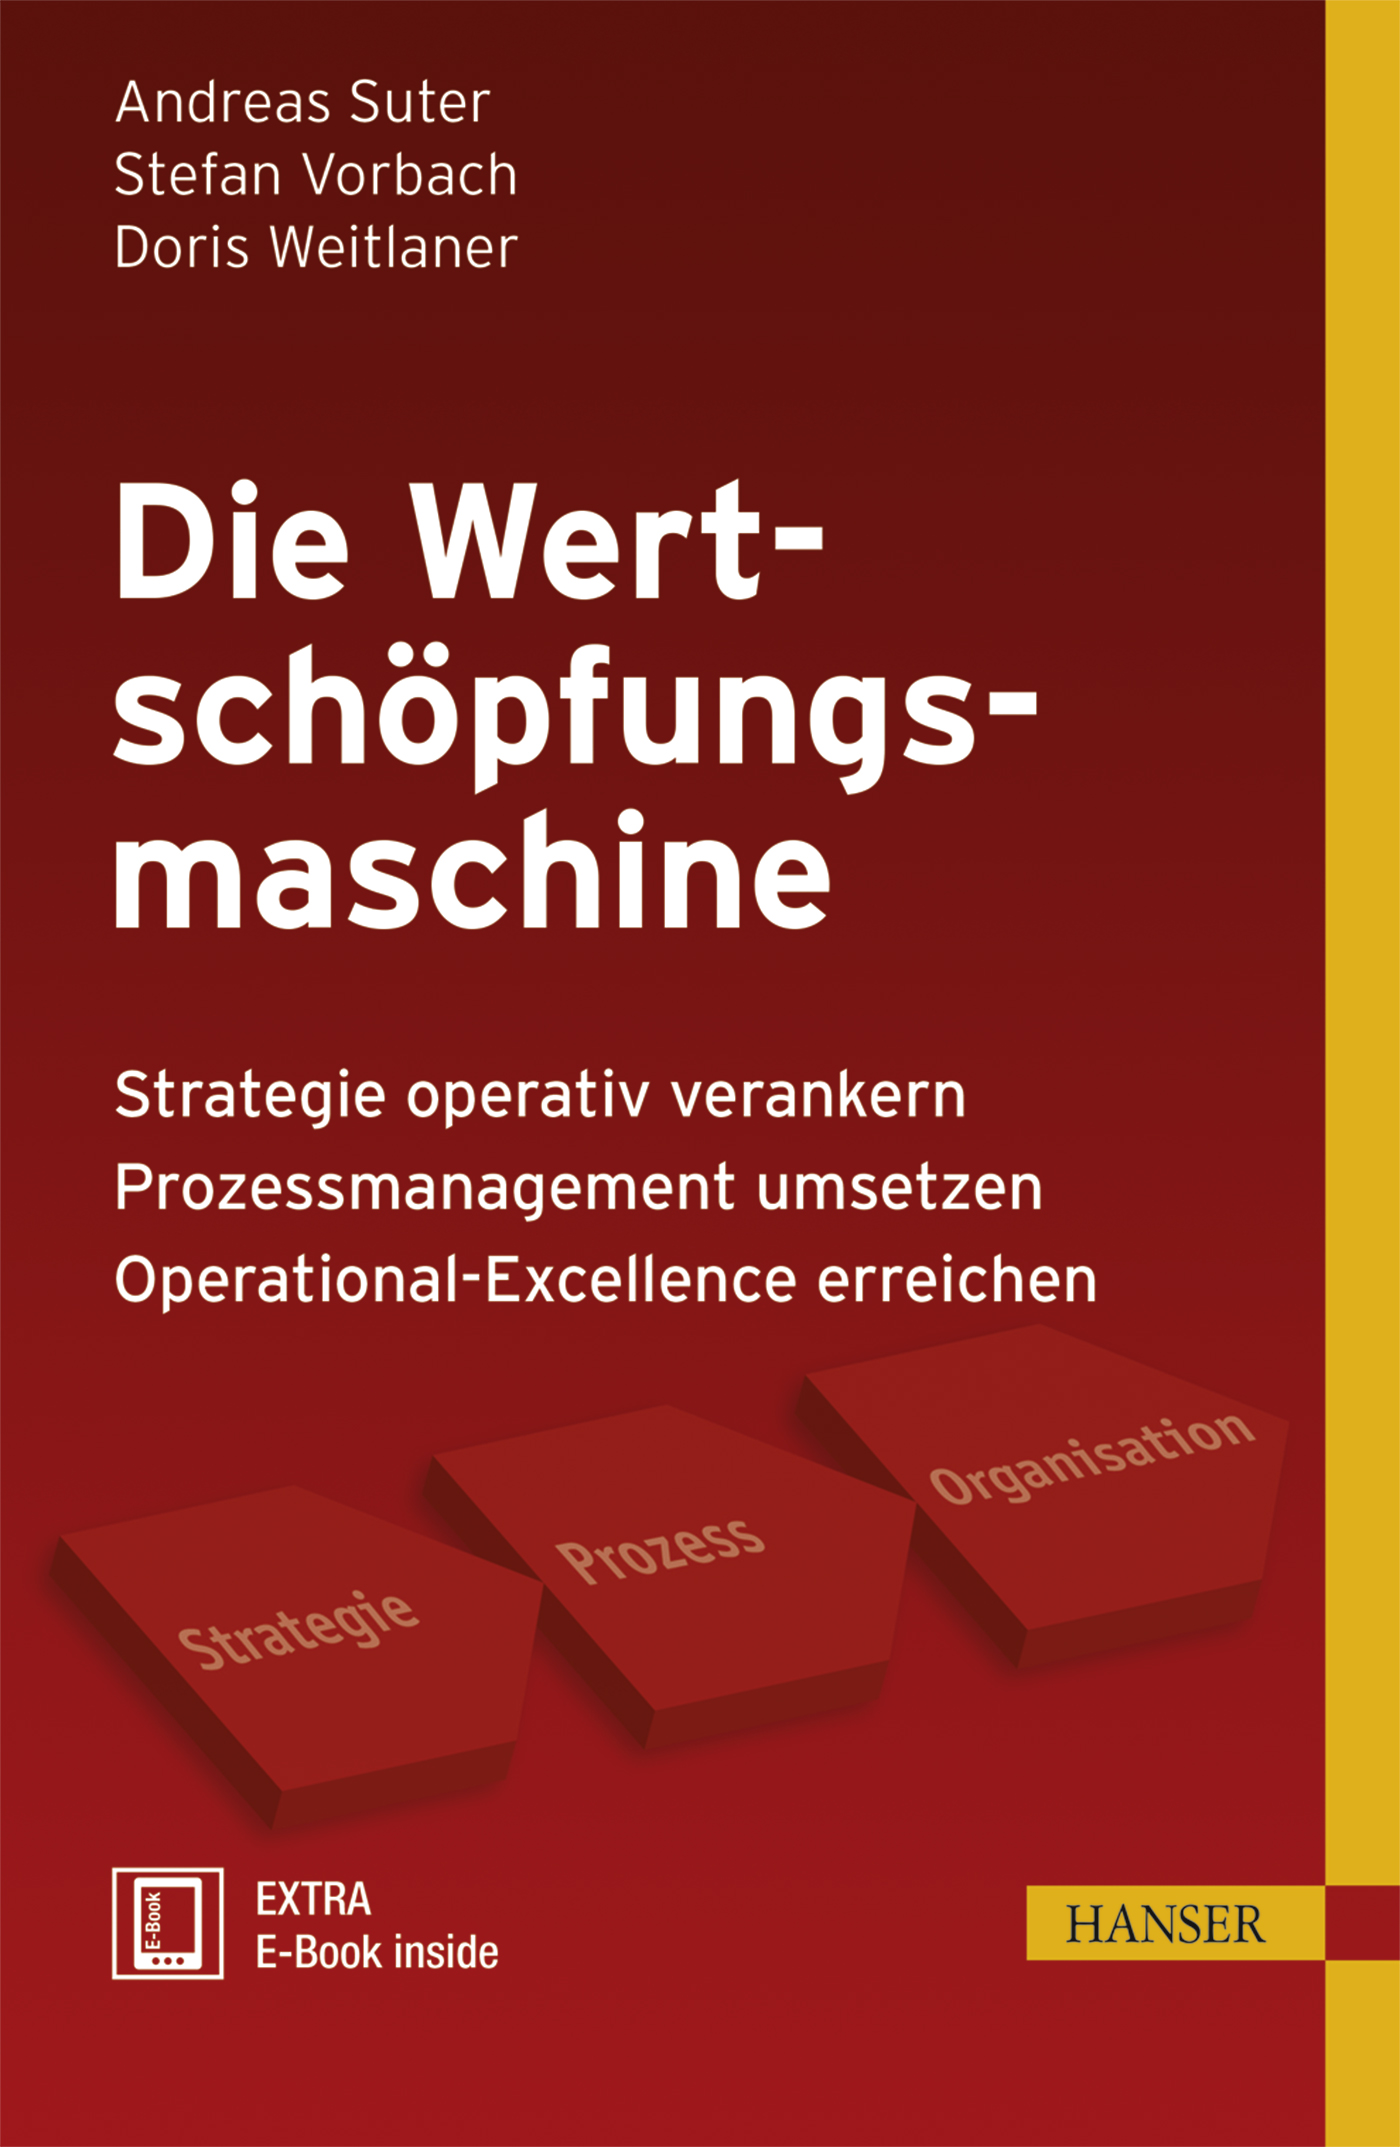 Suter, Vorbach, Weitlaner, Die Wertschöpfungsmaschine, 978-3-446-44235-1